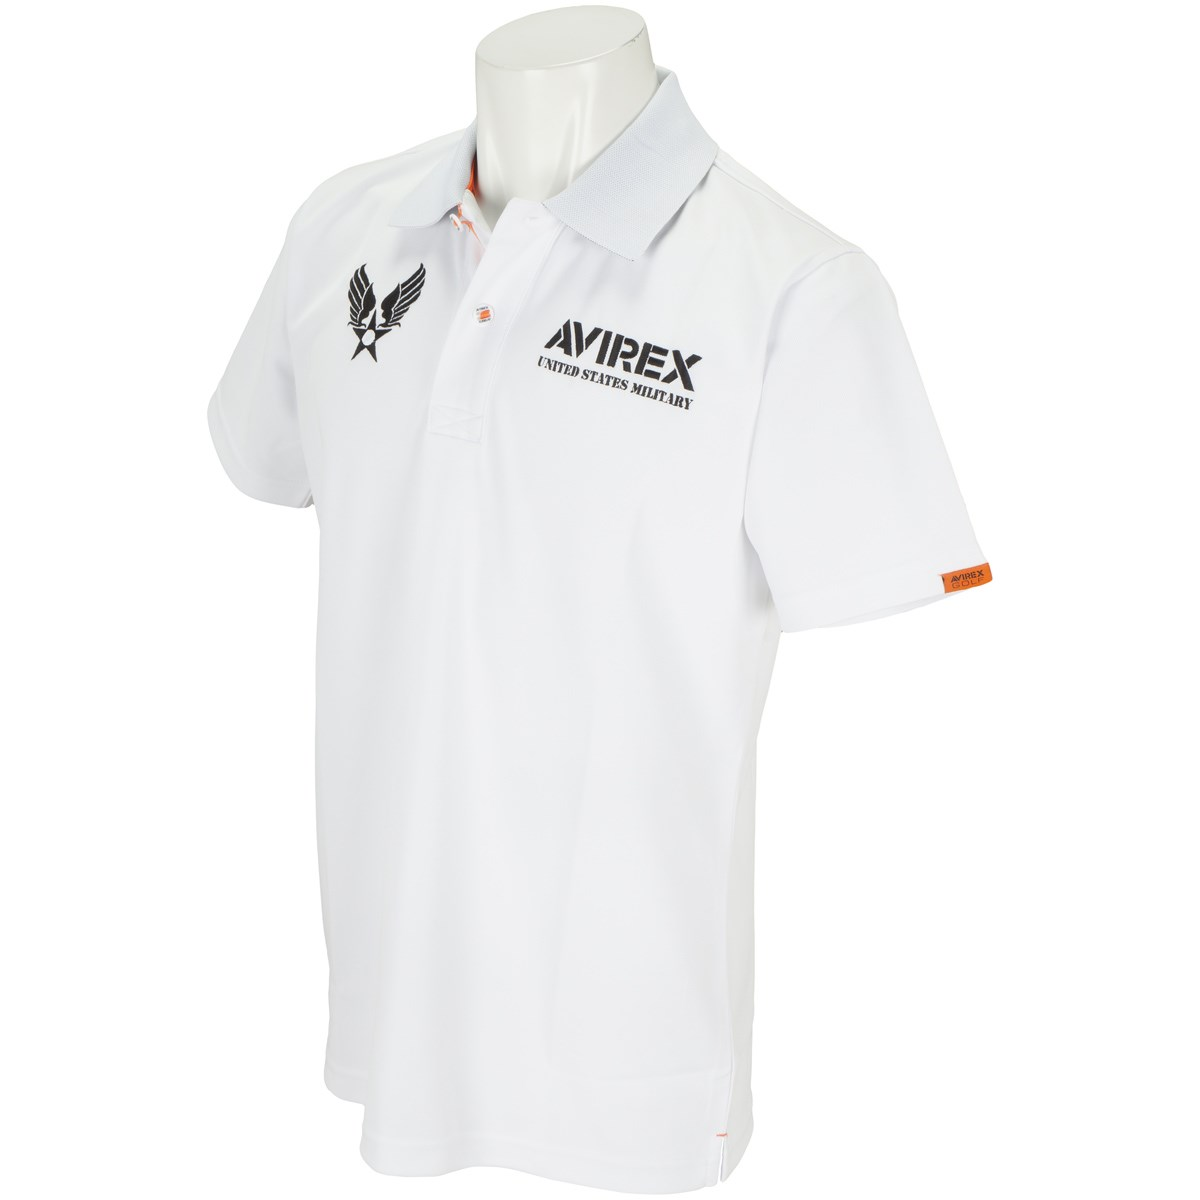 アビレックス ゴルフ GDO限定 半袖ポロシャツ